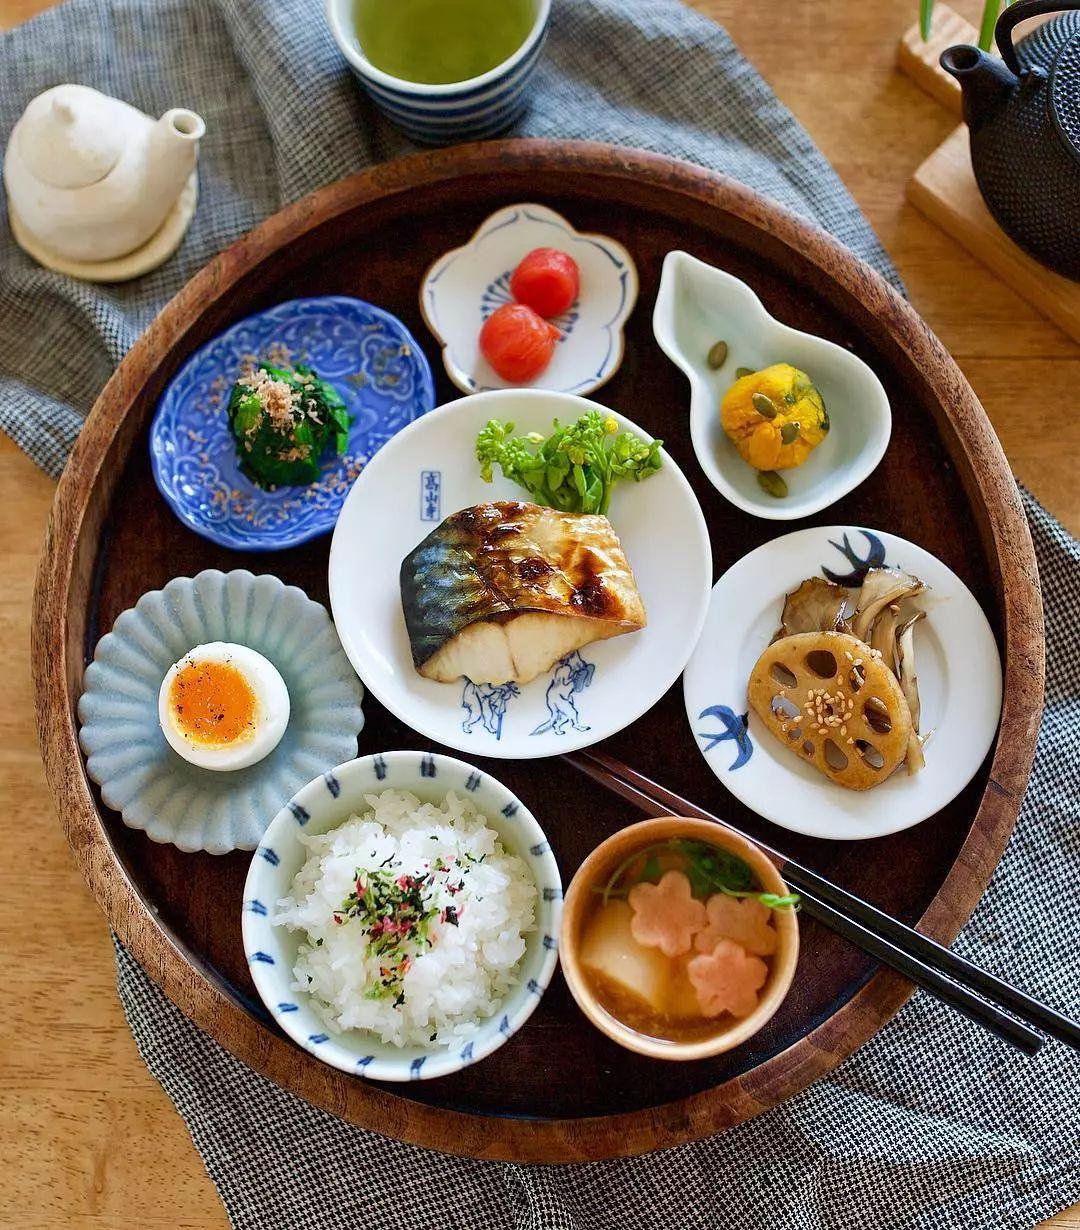 Người Nhật lười tập thể dục nhưng tỷ lệ sống sót khi mắc ung thư vẫn cao hơn hẳn các nước khác: Bí mật nằm ở 3 thói quen cực đặc biệt - Ảnh 3